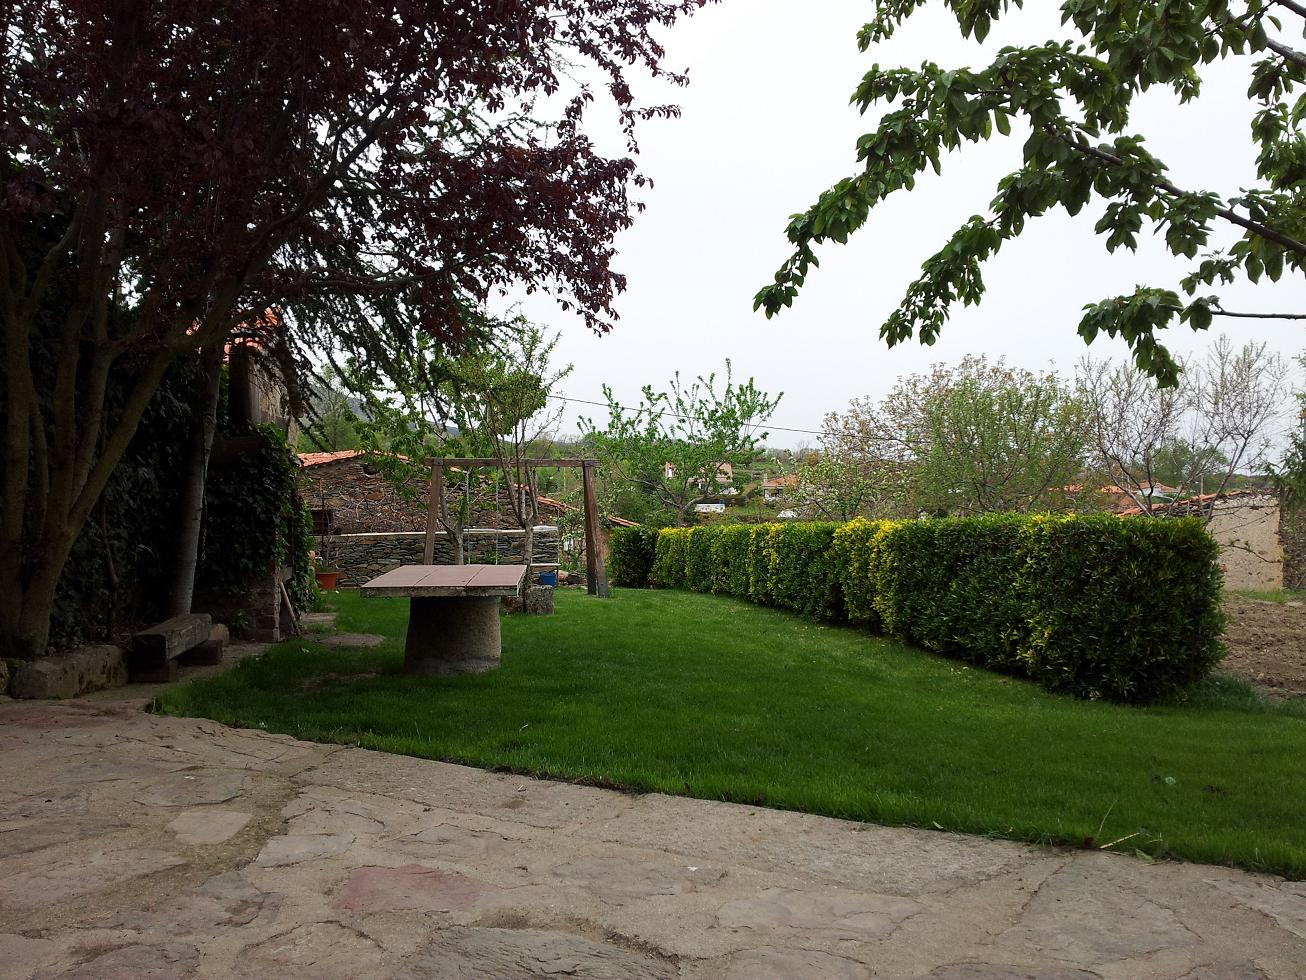 Casa rural casa salva jardin no pano anunsis - Casa rural can salva ...